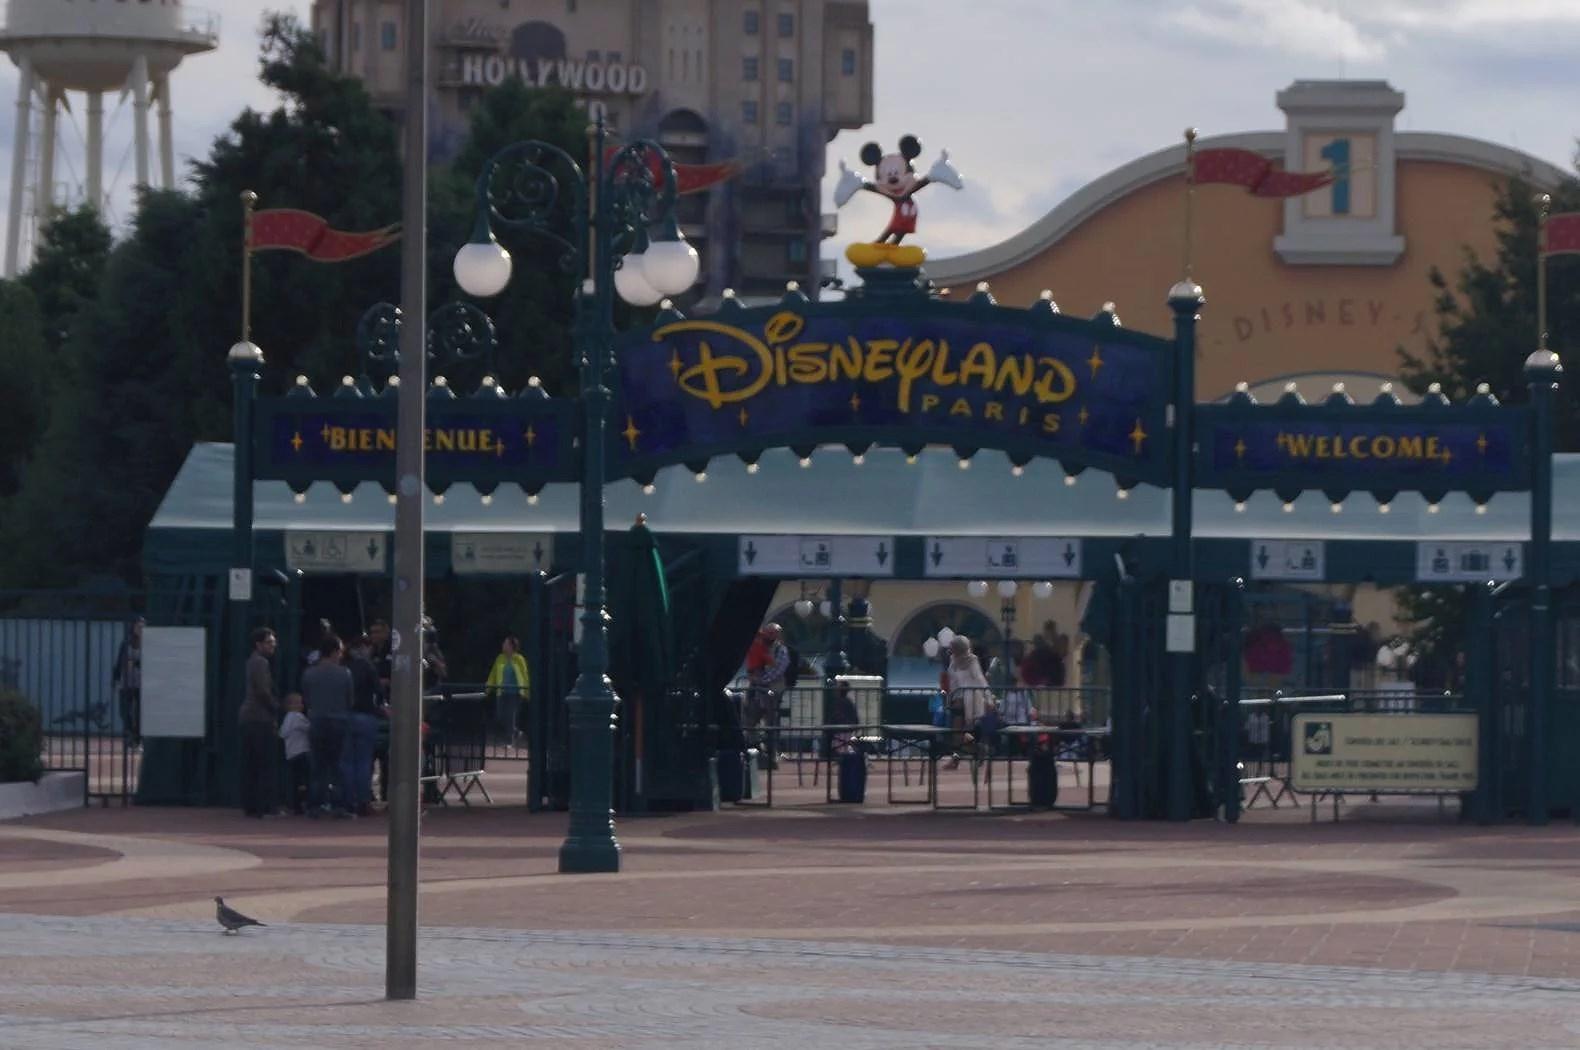 recension av säkerheten på Disneyland Paris av en läsare